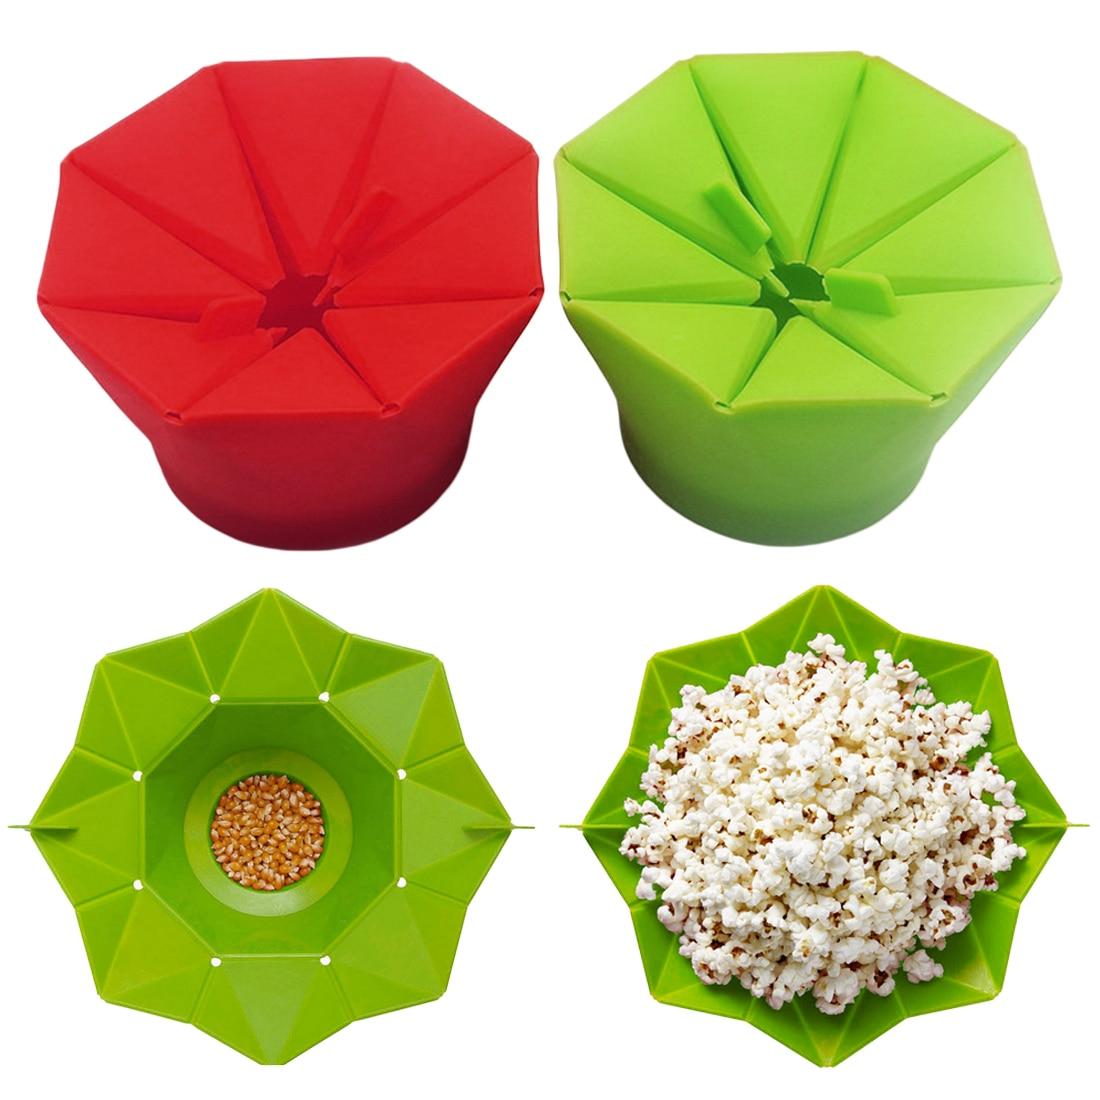 Попкорн Поппер чайник чаша DIY силиконовый контейнер для приготовления попкорна в микроволновой печи складной ведро красный зеленый кухонный инструмент